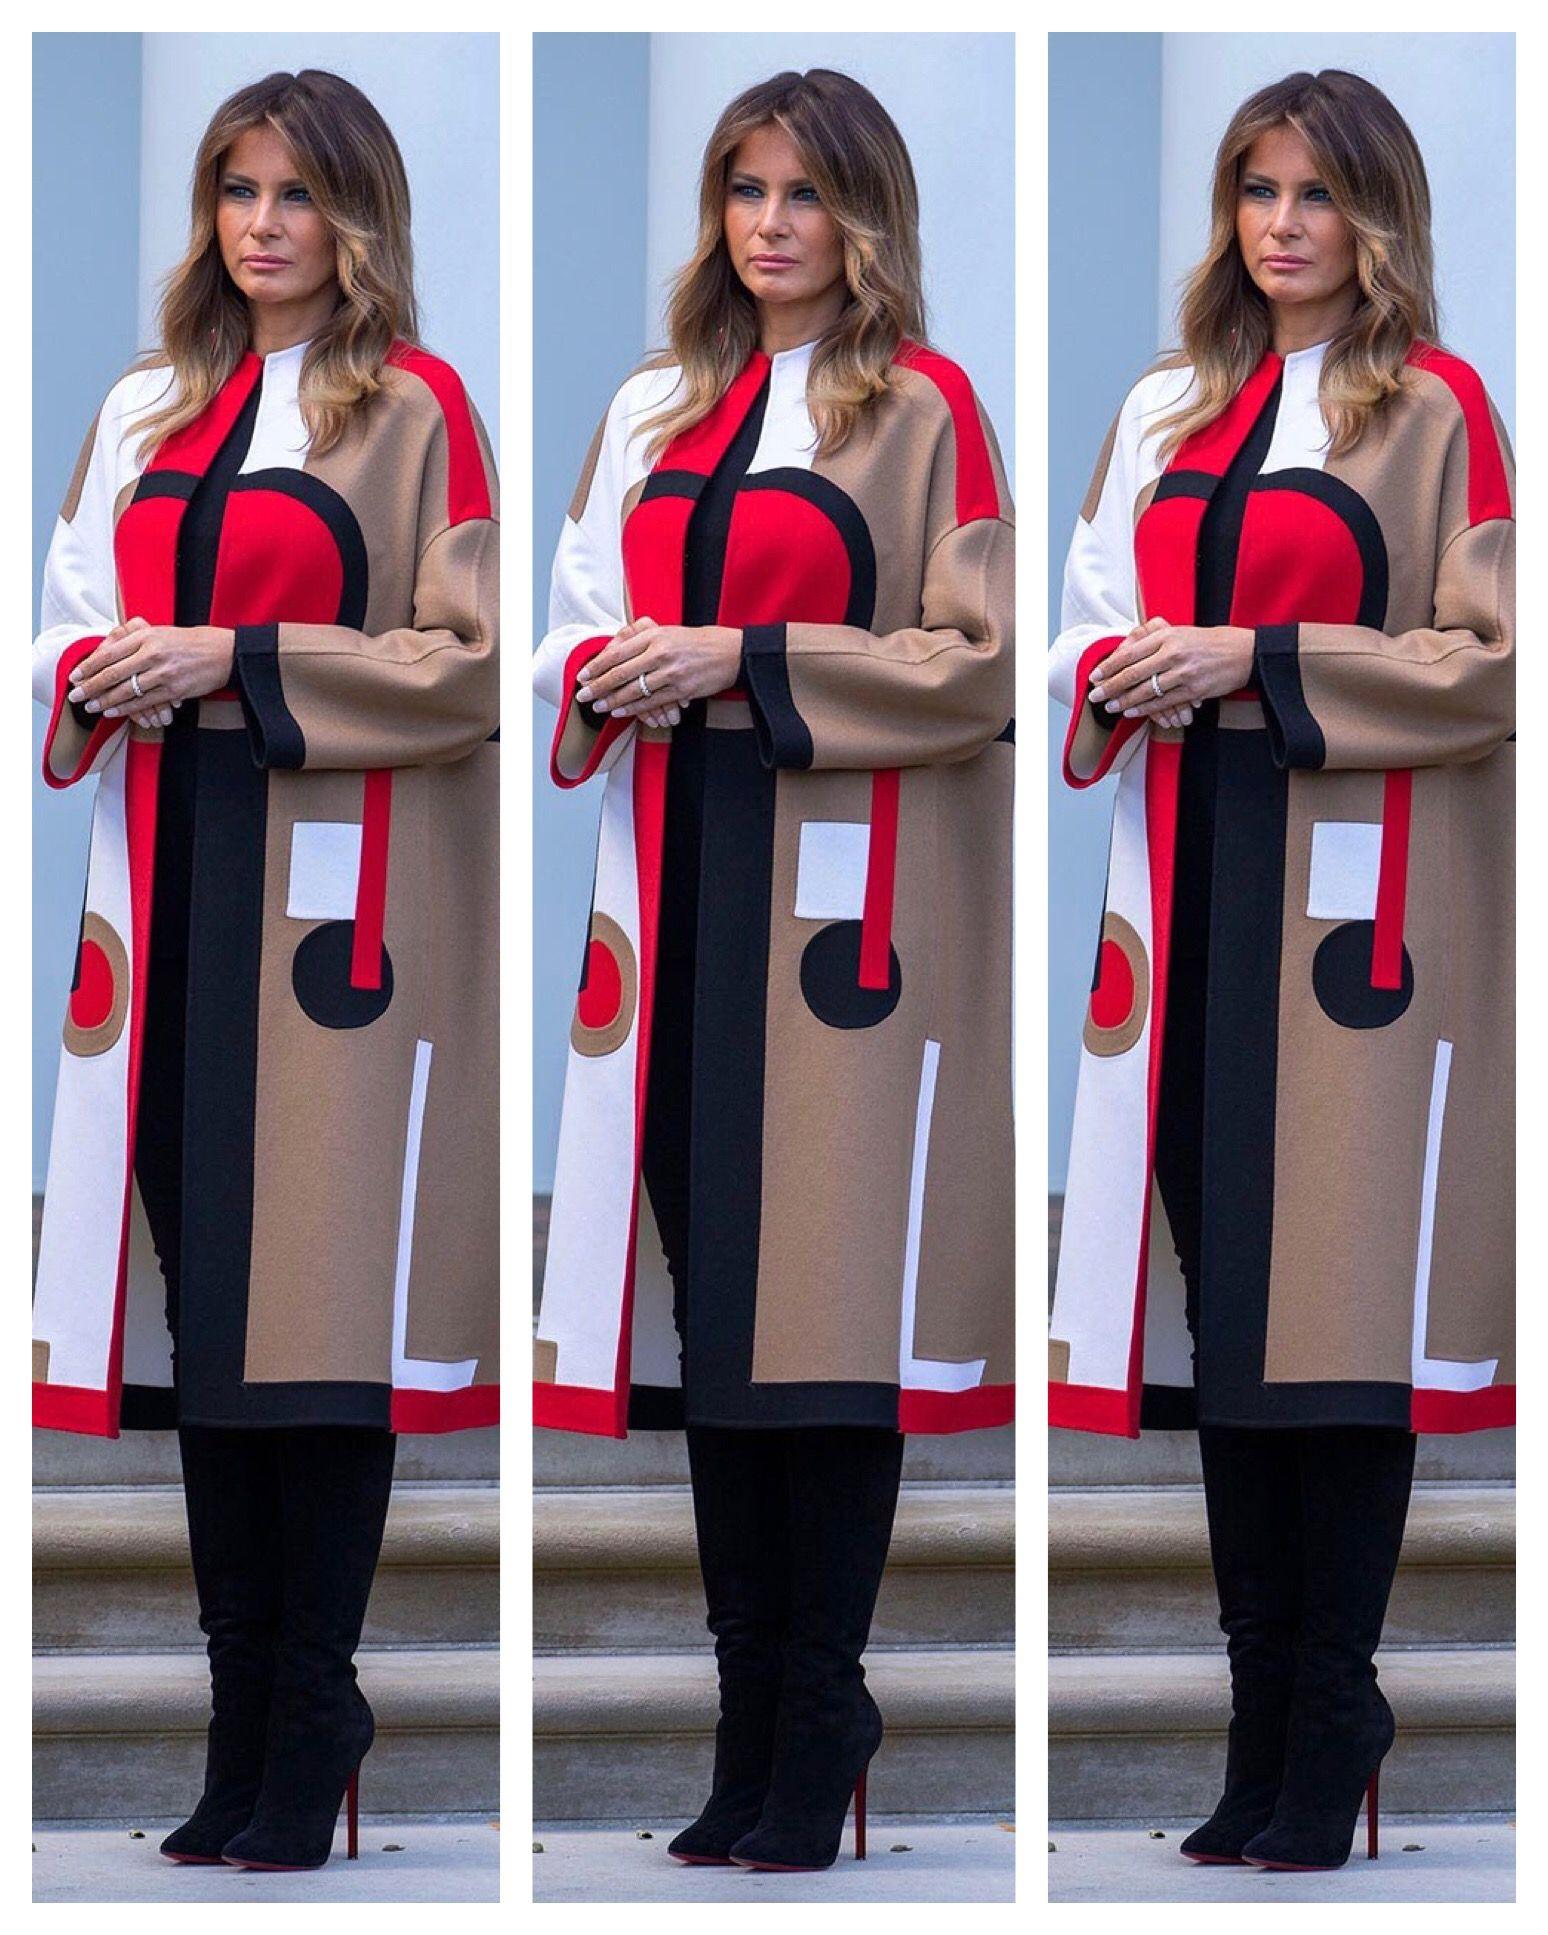 fb5202cf382 First Lady Melania Trump